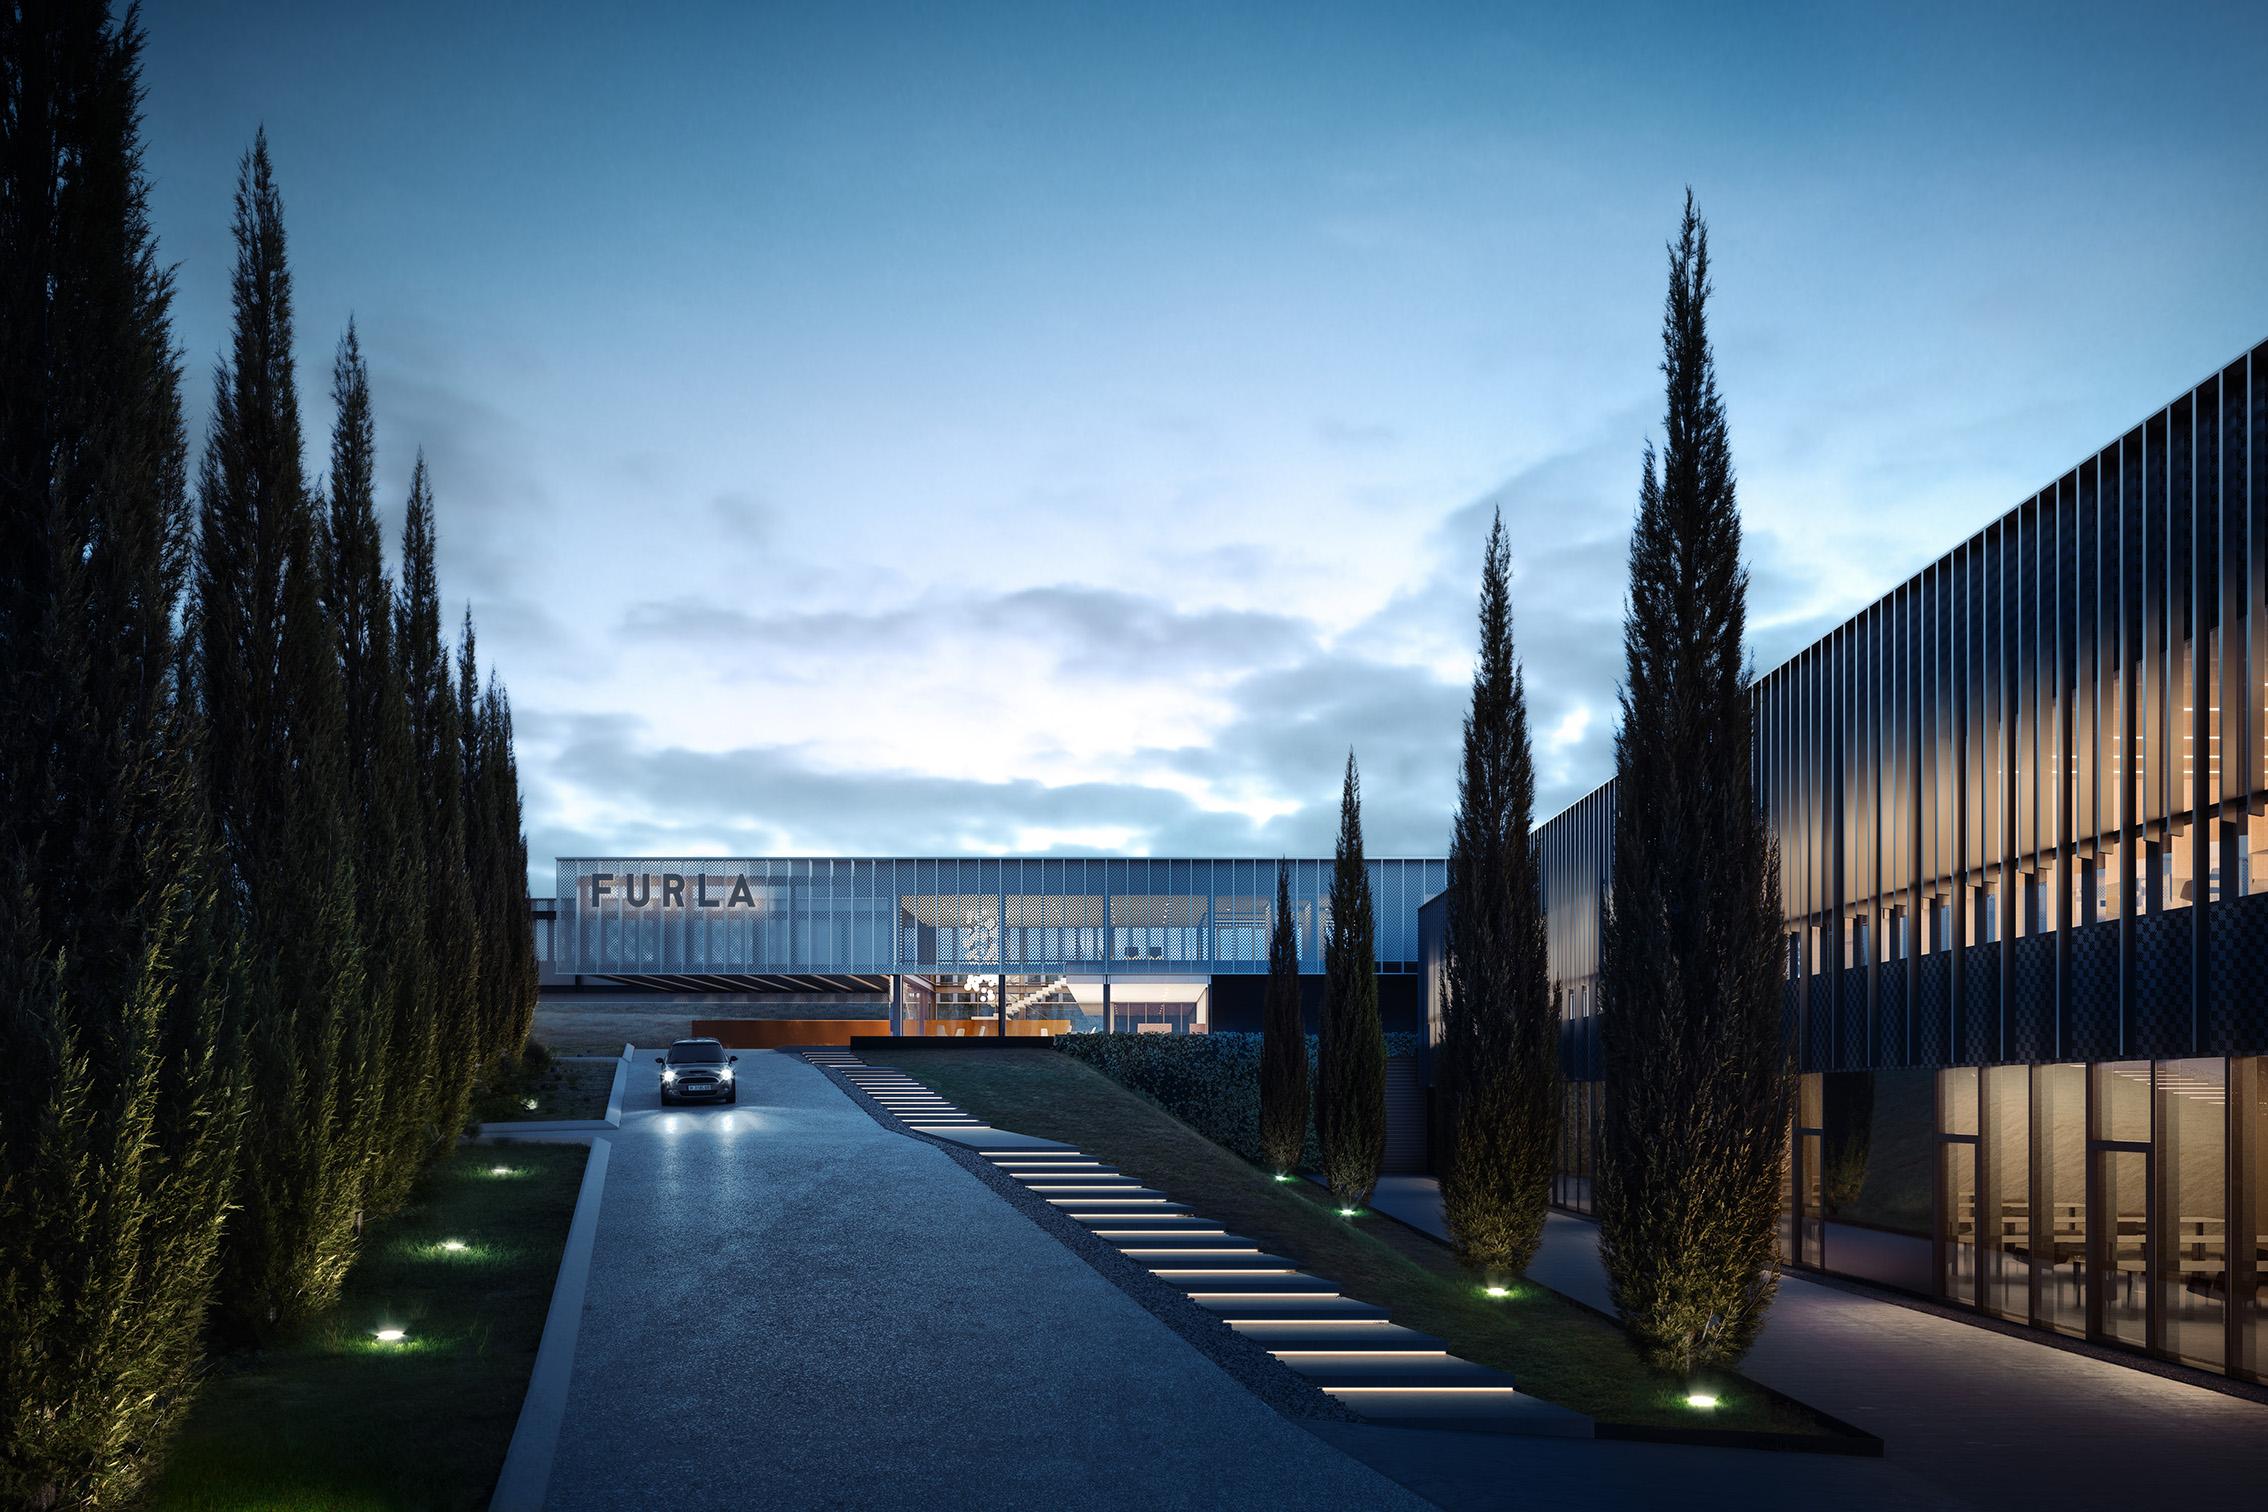 Furla Progetto Italia